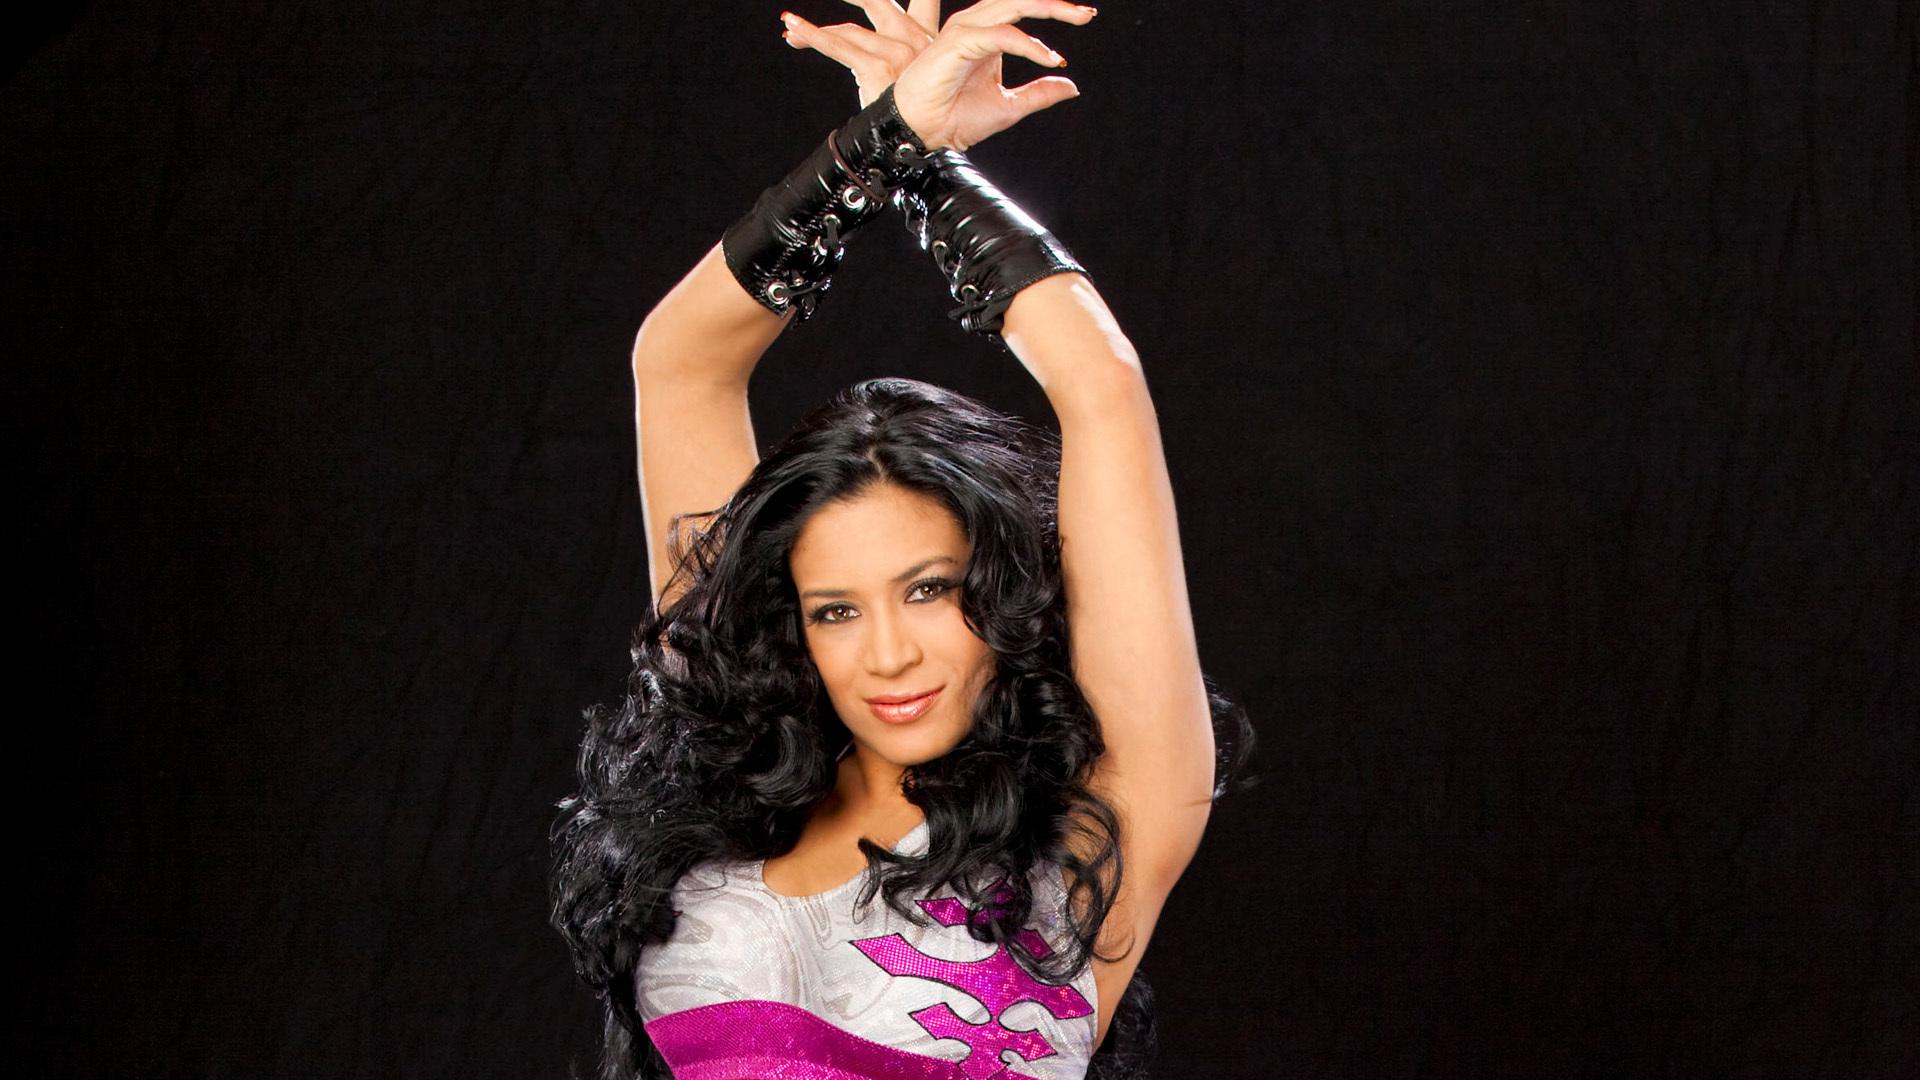 WWE Melina Perez Splits